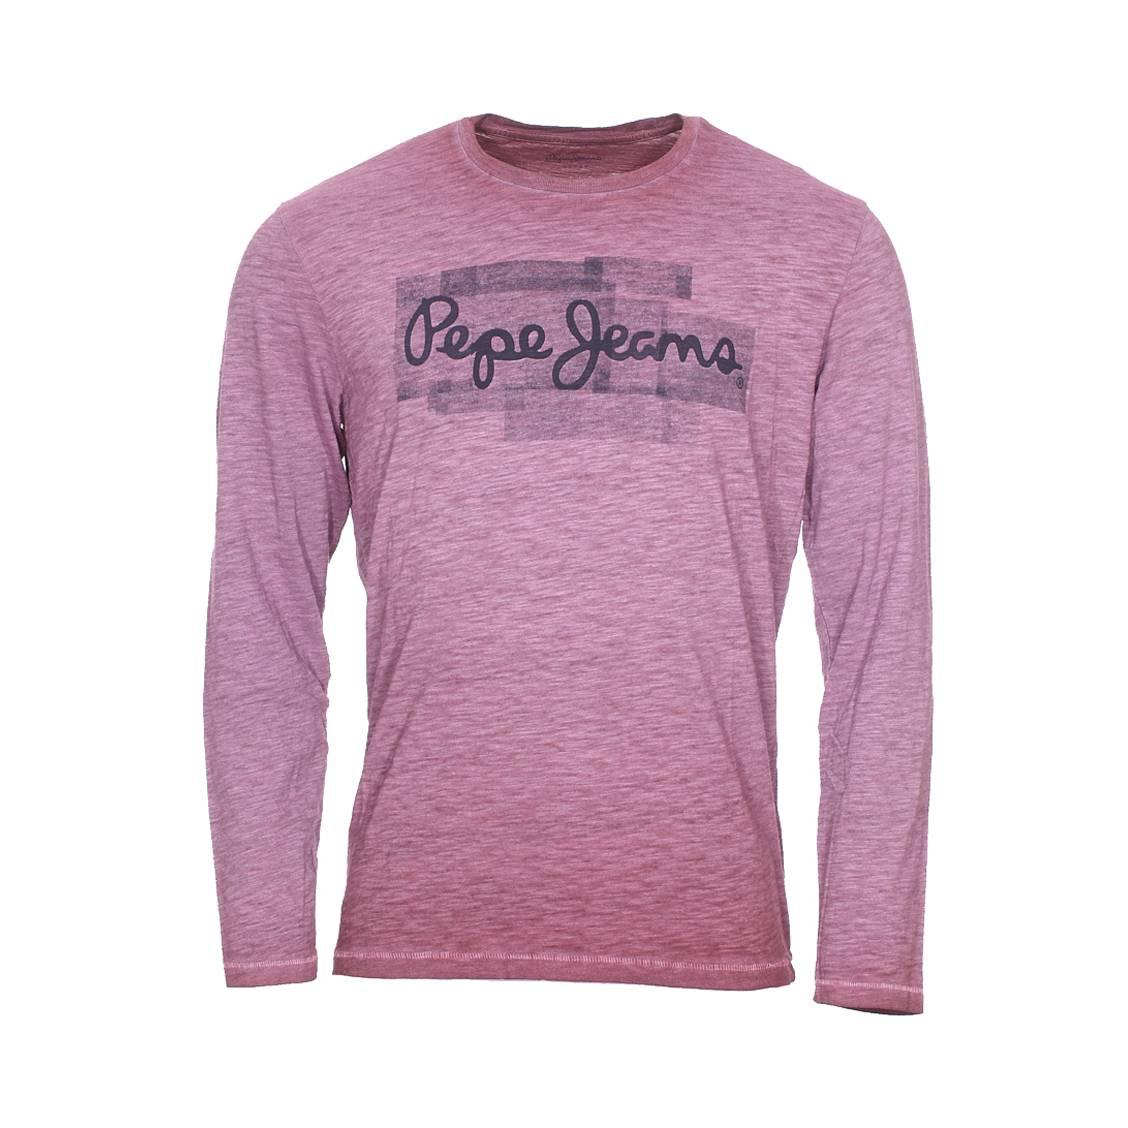 Tee-shirt col rond manches longues  adrian en coton mélangé prune à effet vintage